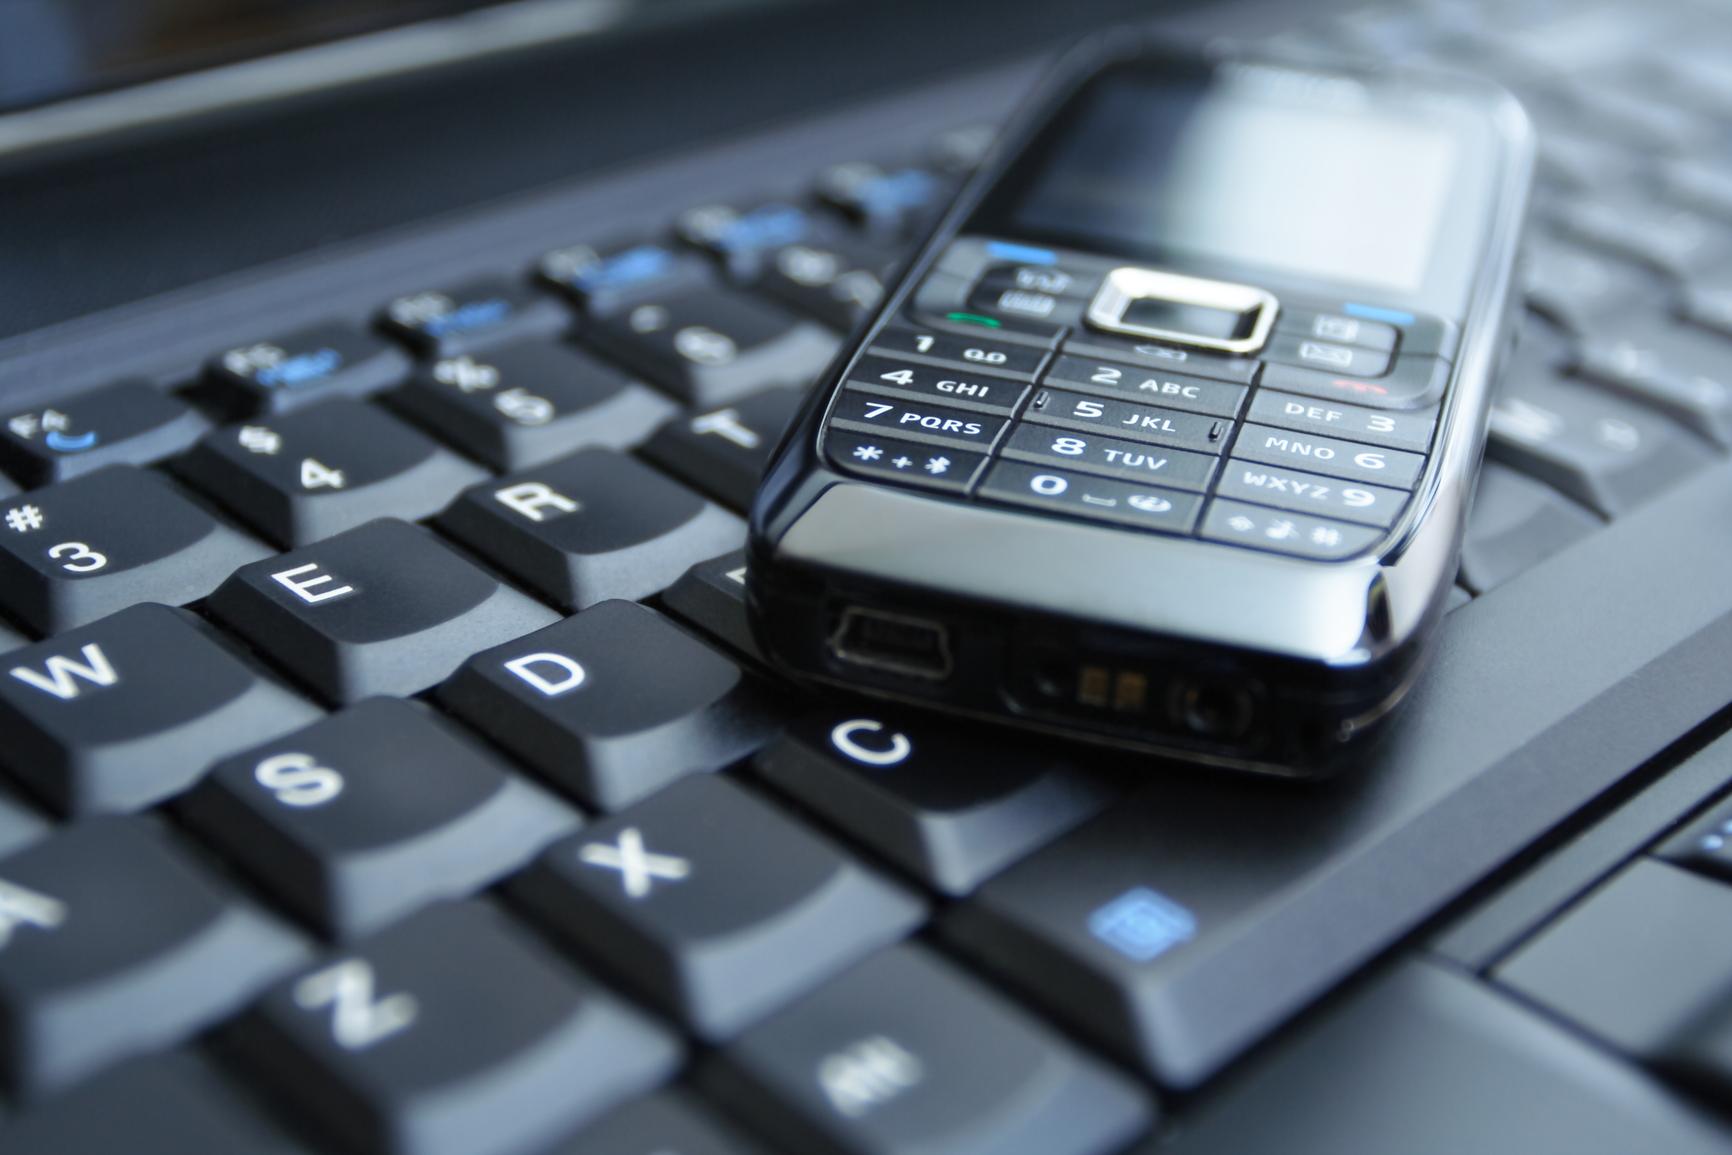 В Казахстане запустят счетчик анализа интернет-аудитории Chartbeat